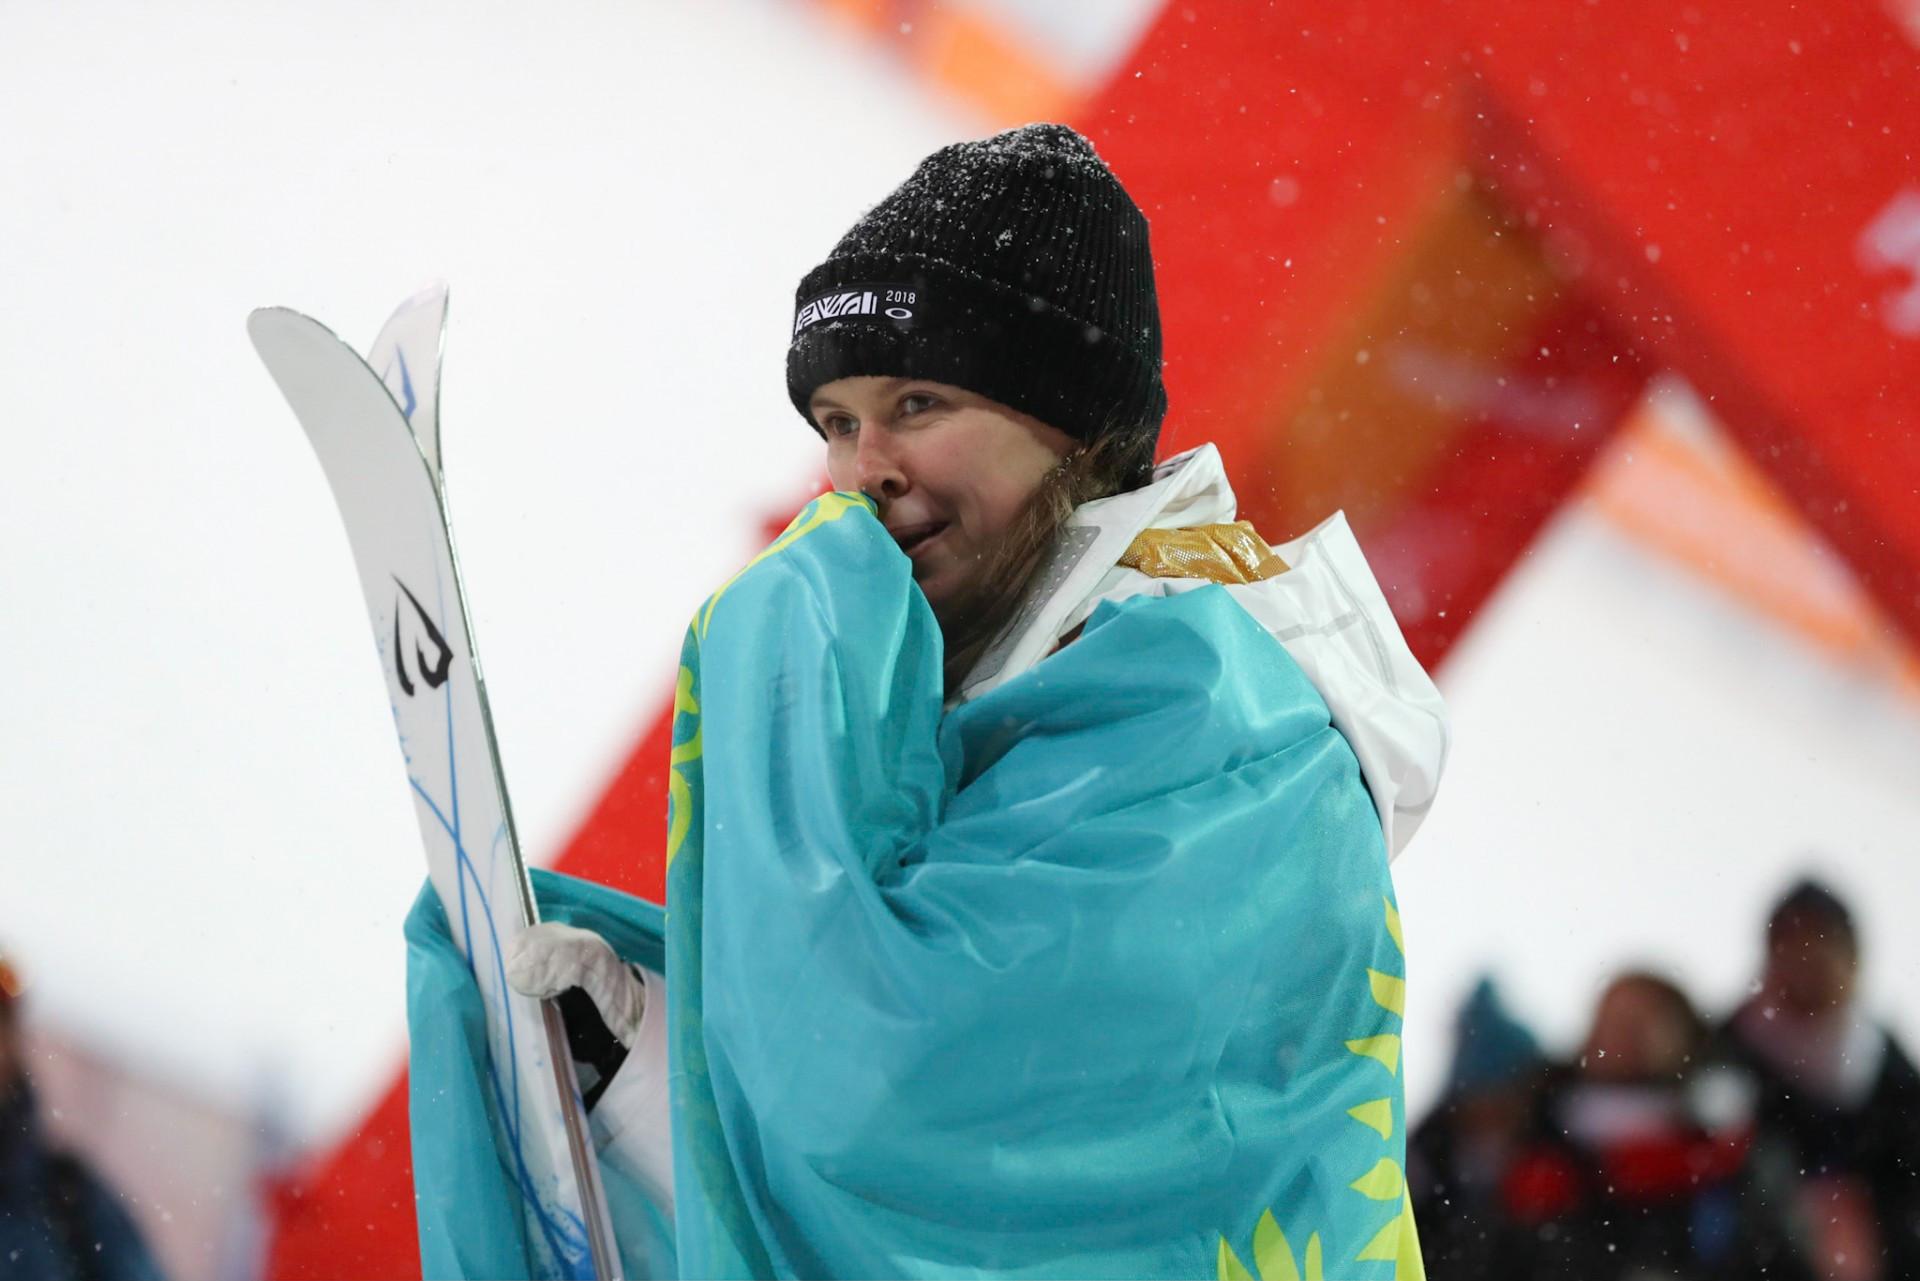 Казахстанка стала первой на этапе Кубка мира по фристайлу  , Спорт, Фристайл